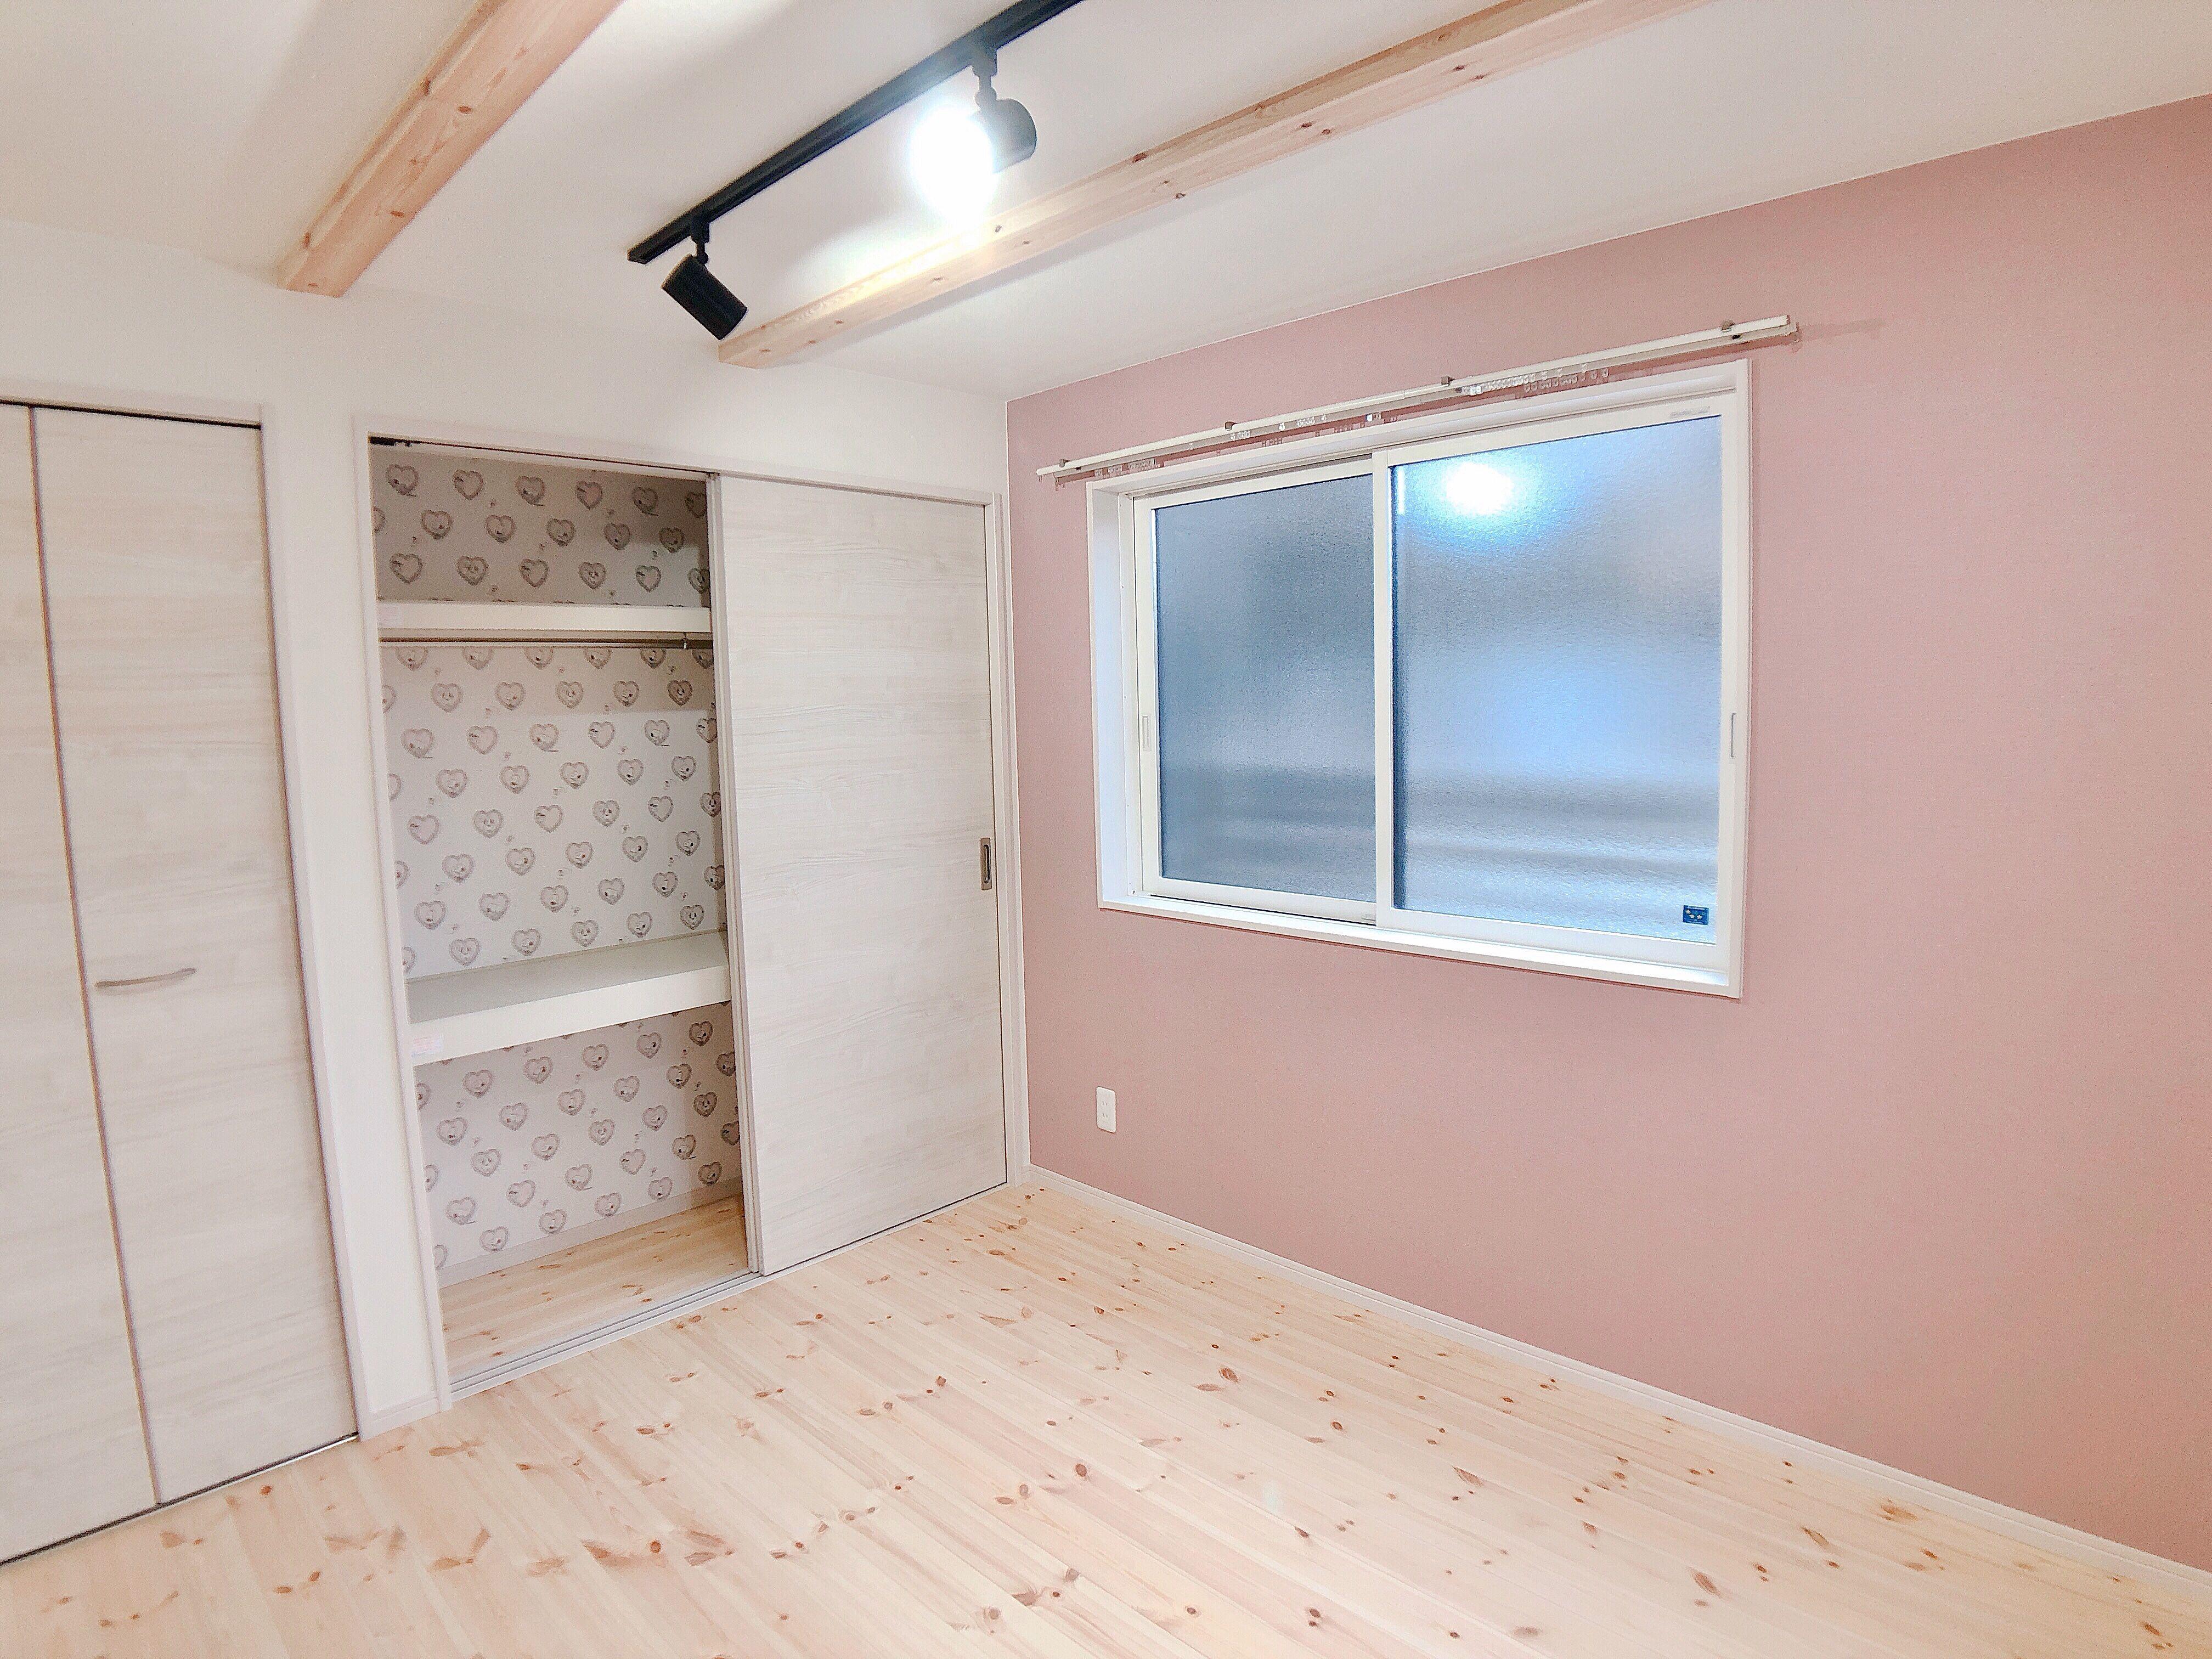 アクセントクロス 壁紙 ピンク スヌーピー ハート 無塗装 無垢材 収納